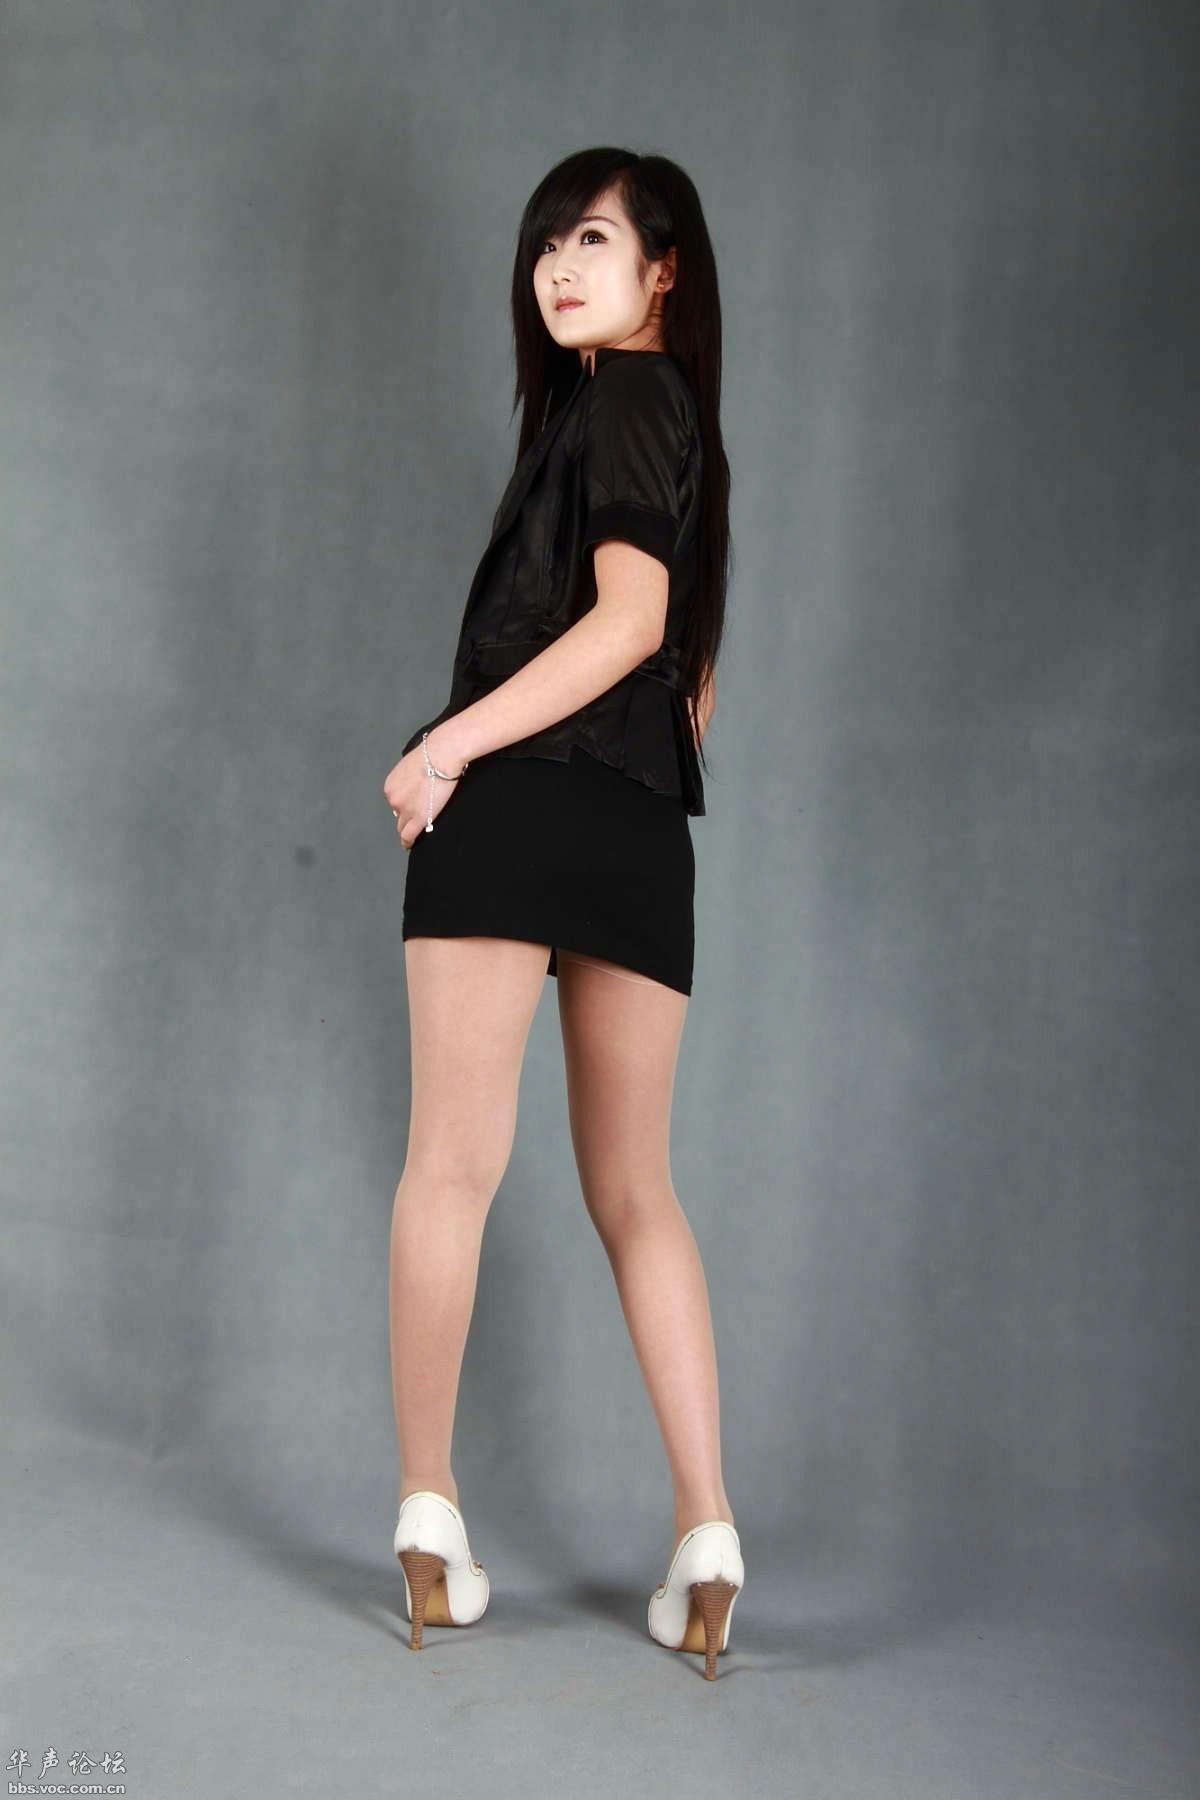 丽柜美模美腿秀7 - 花開有聲 - 花開有聲